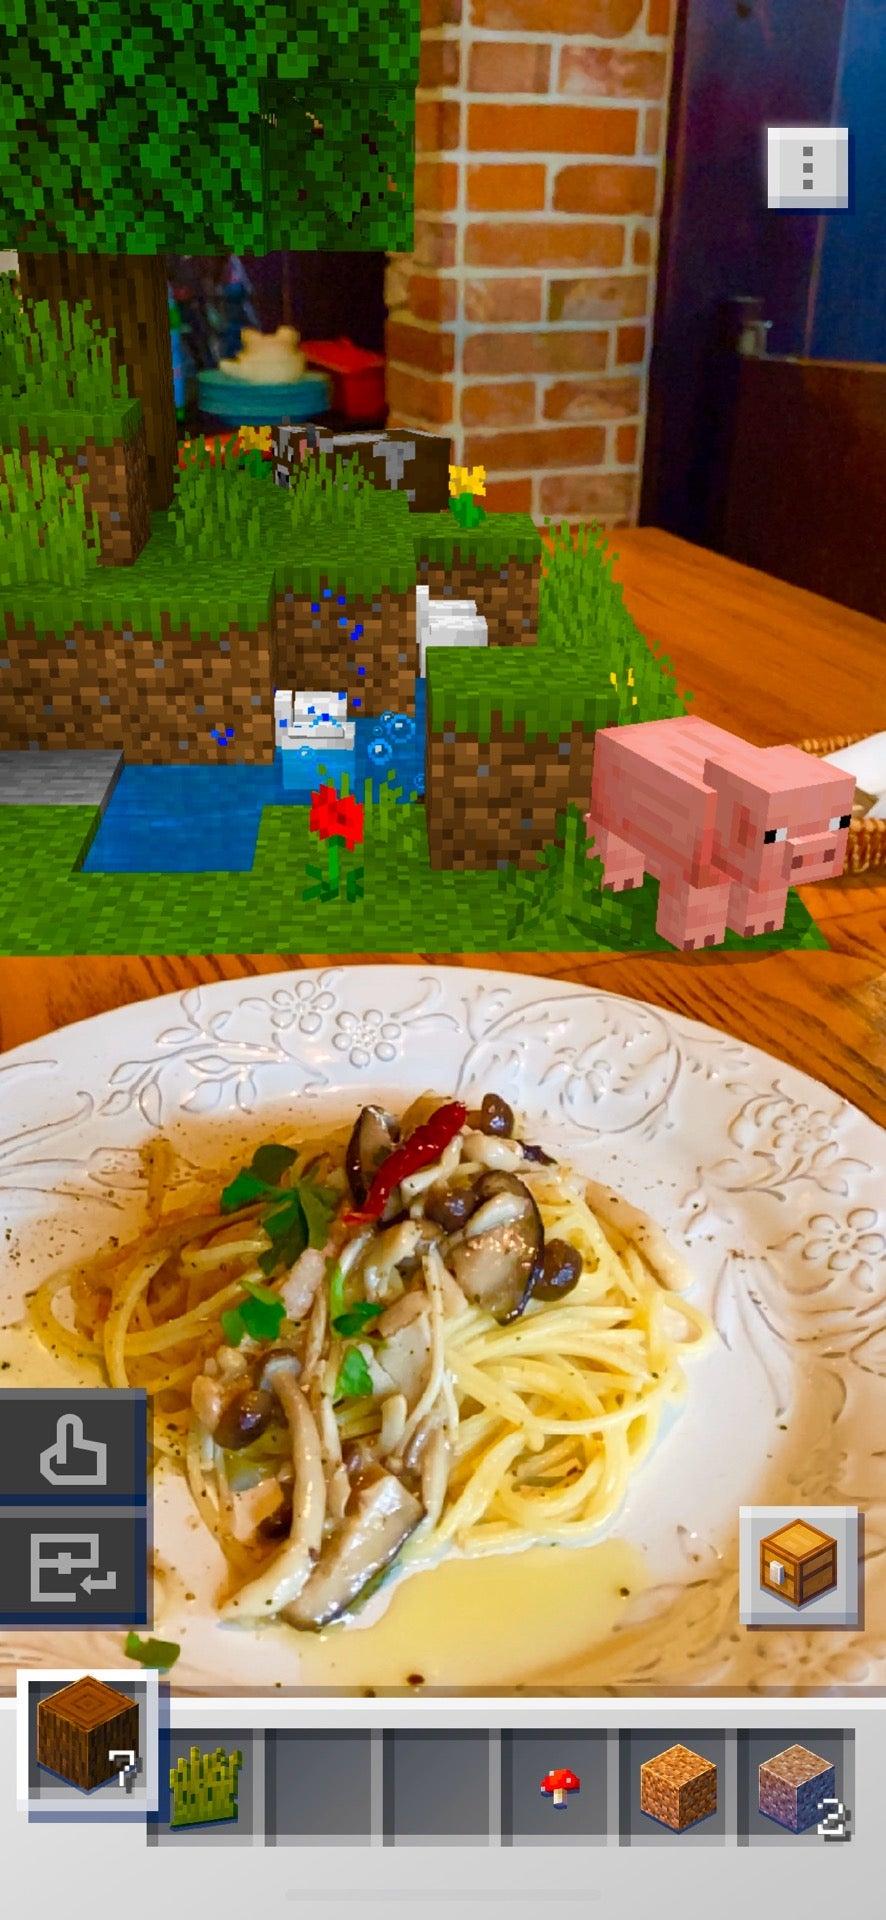 アンチョビソースなパスタと木の子と Minecraft Earth 🐷 (@ イタリア料理 Kan in 小牧市, 愛知県) https://t.co/R5fNSm0uBz https://t.co/HkYM8VLWMw